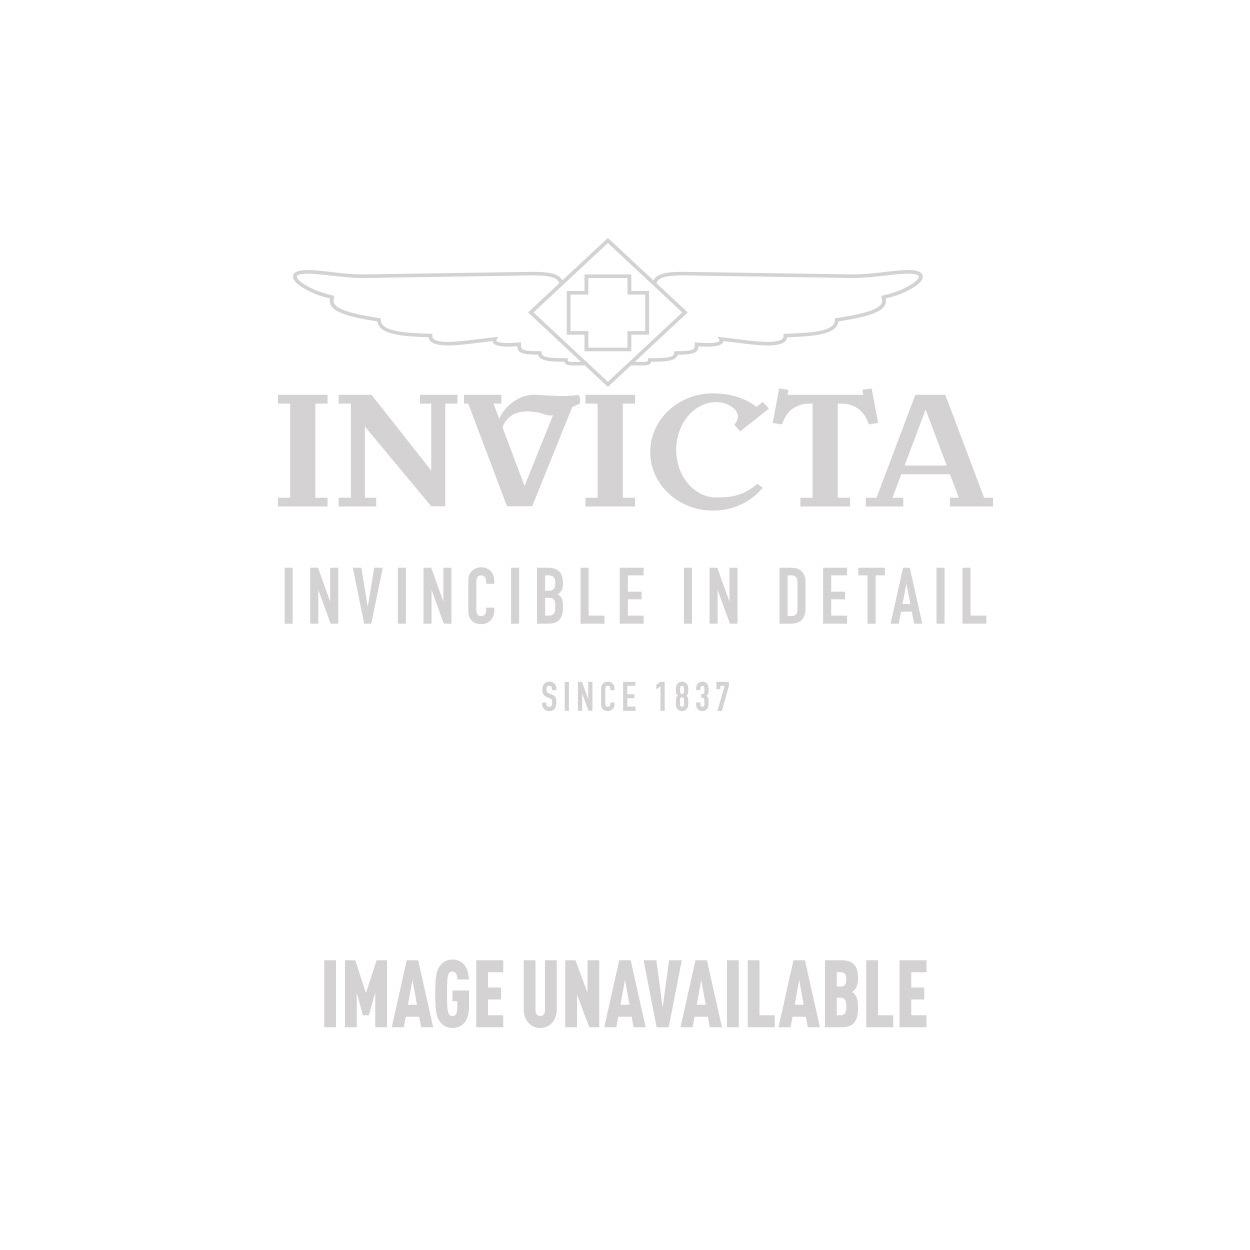 Invicta Model 28529